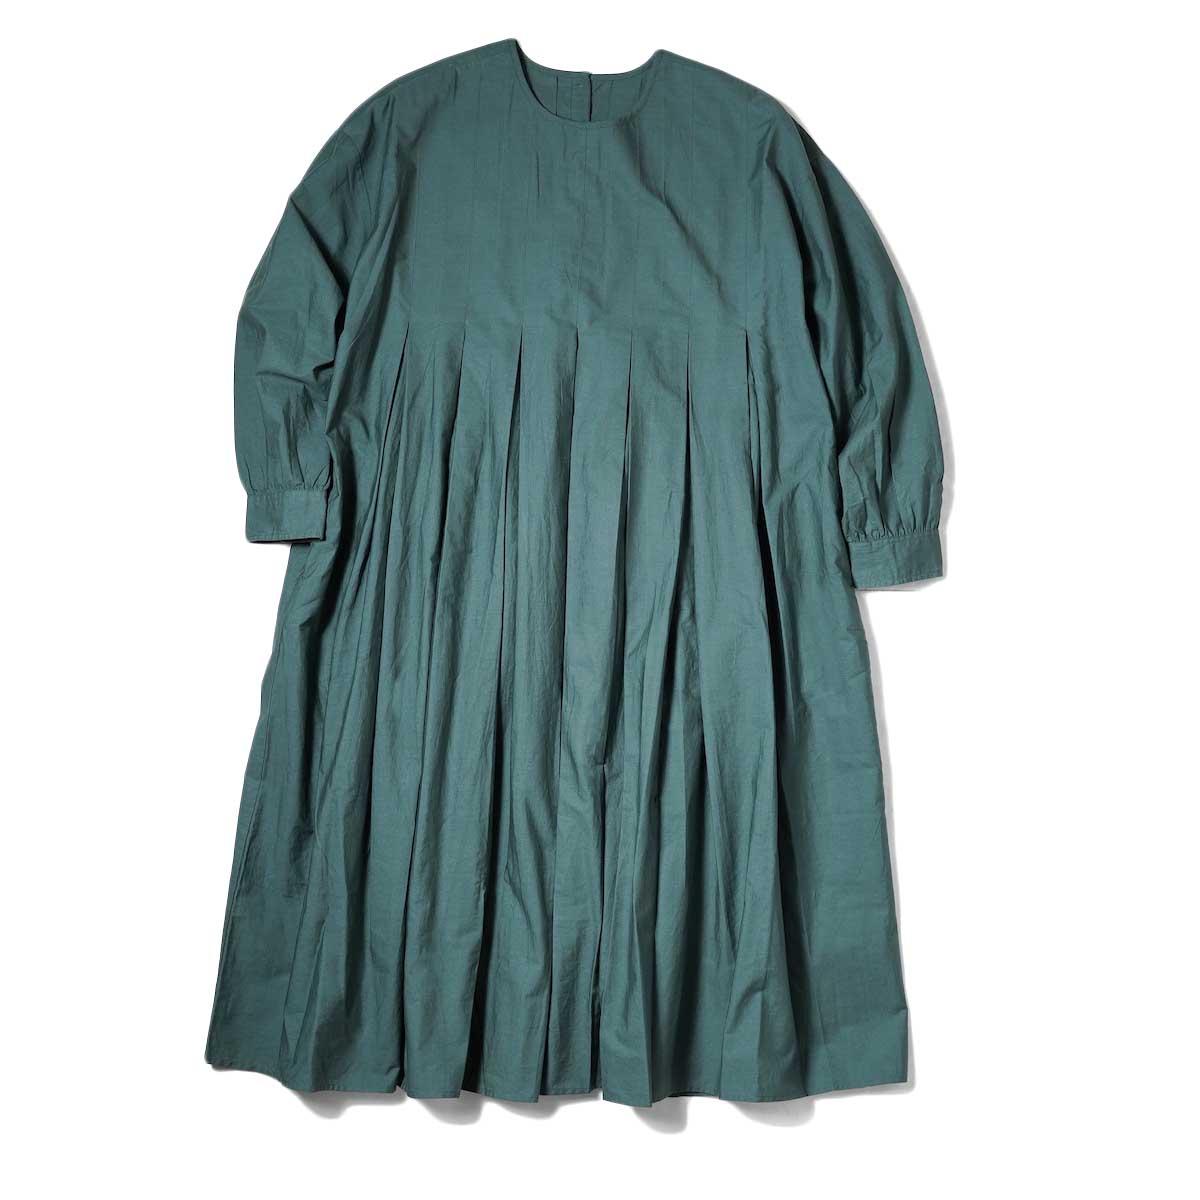 maison de soil / INVERTED PLEAT CREW-NECK P/O DRESS (Dk. Green)